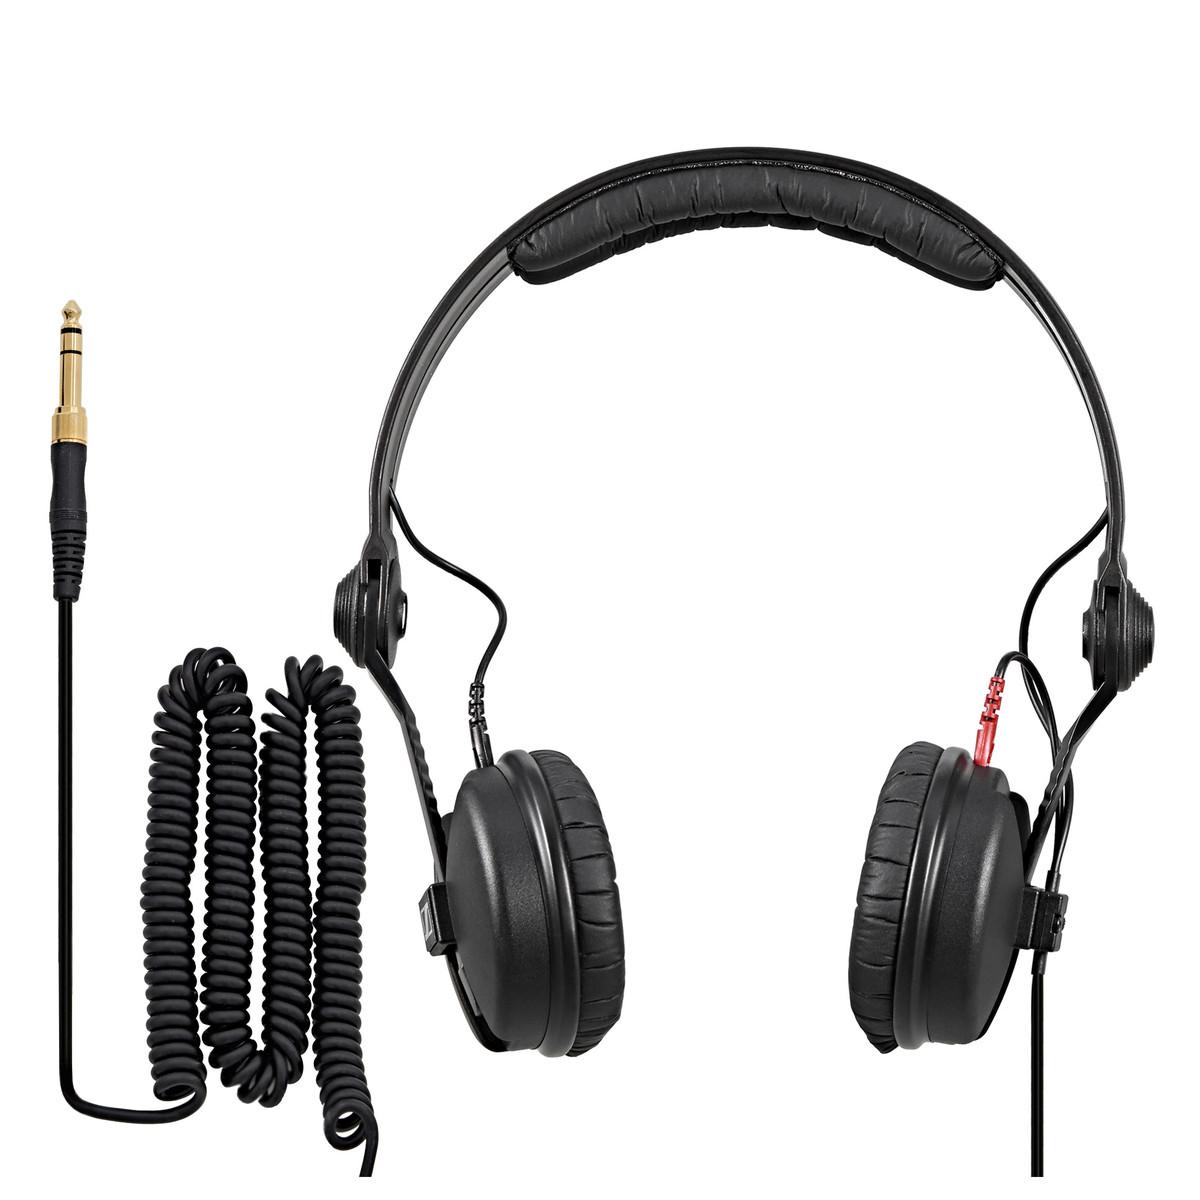 Afbeelding van Sennheiser HD 25 PLUS hoofdtelefoon met 2 kabels en extra oorkussens